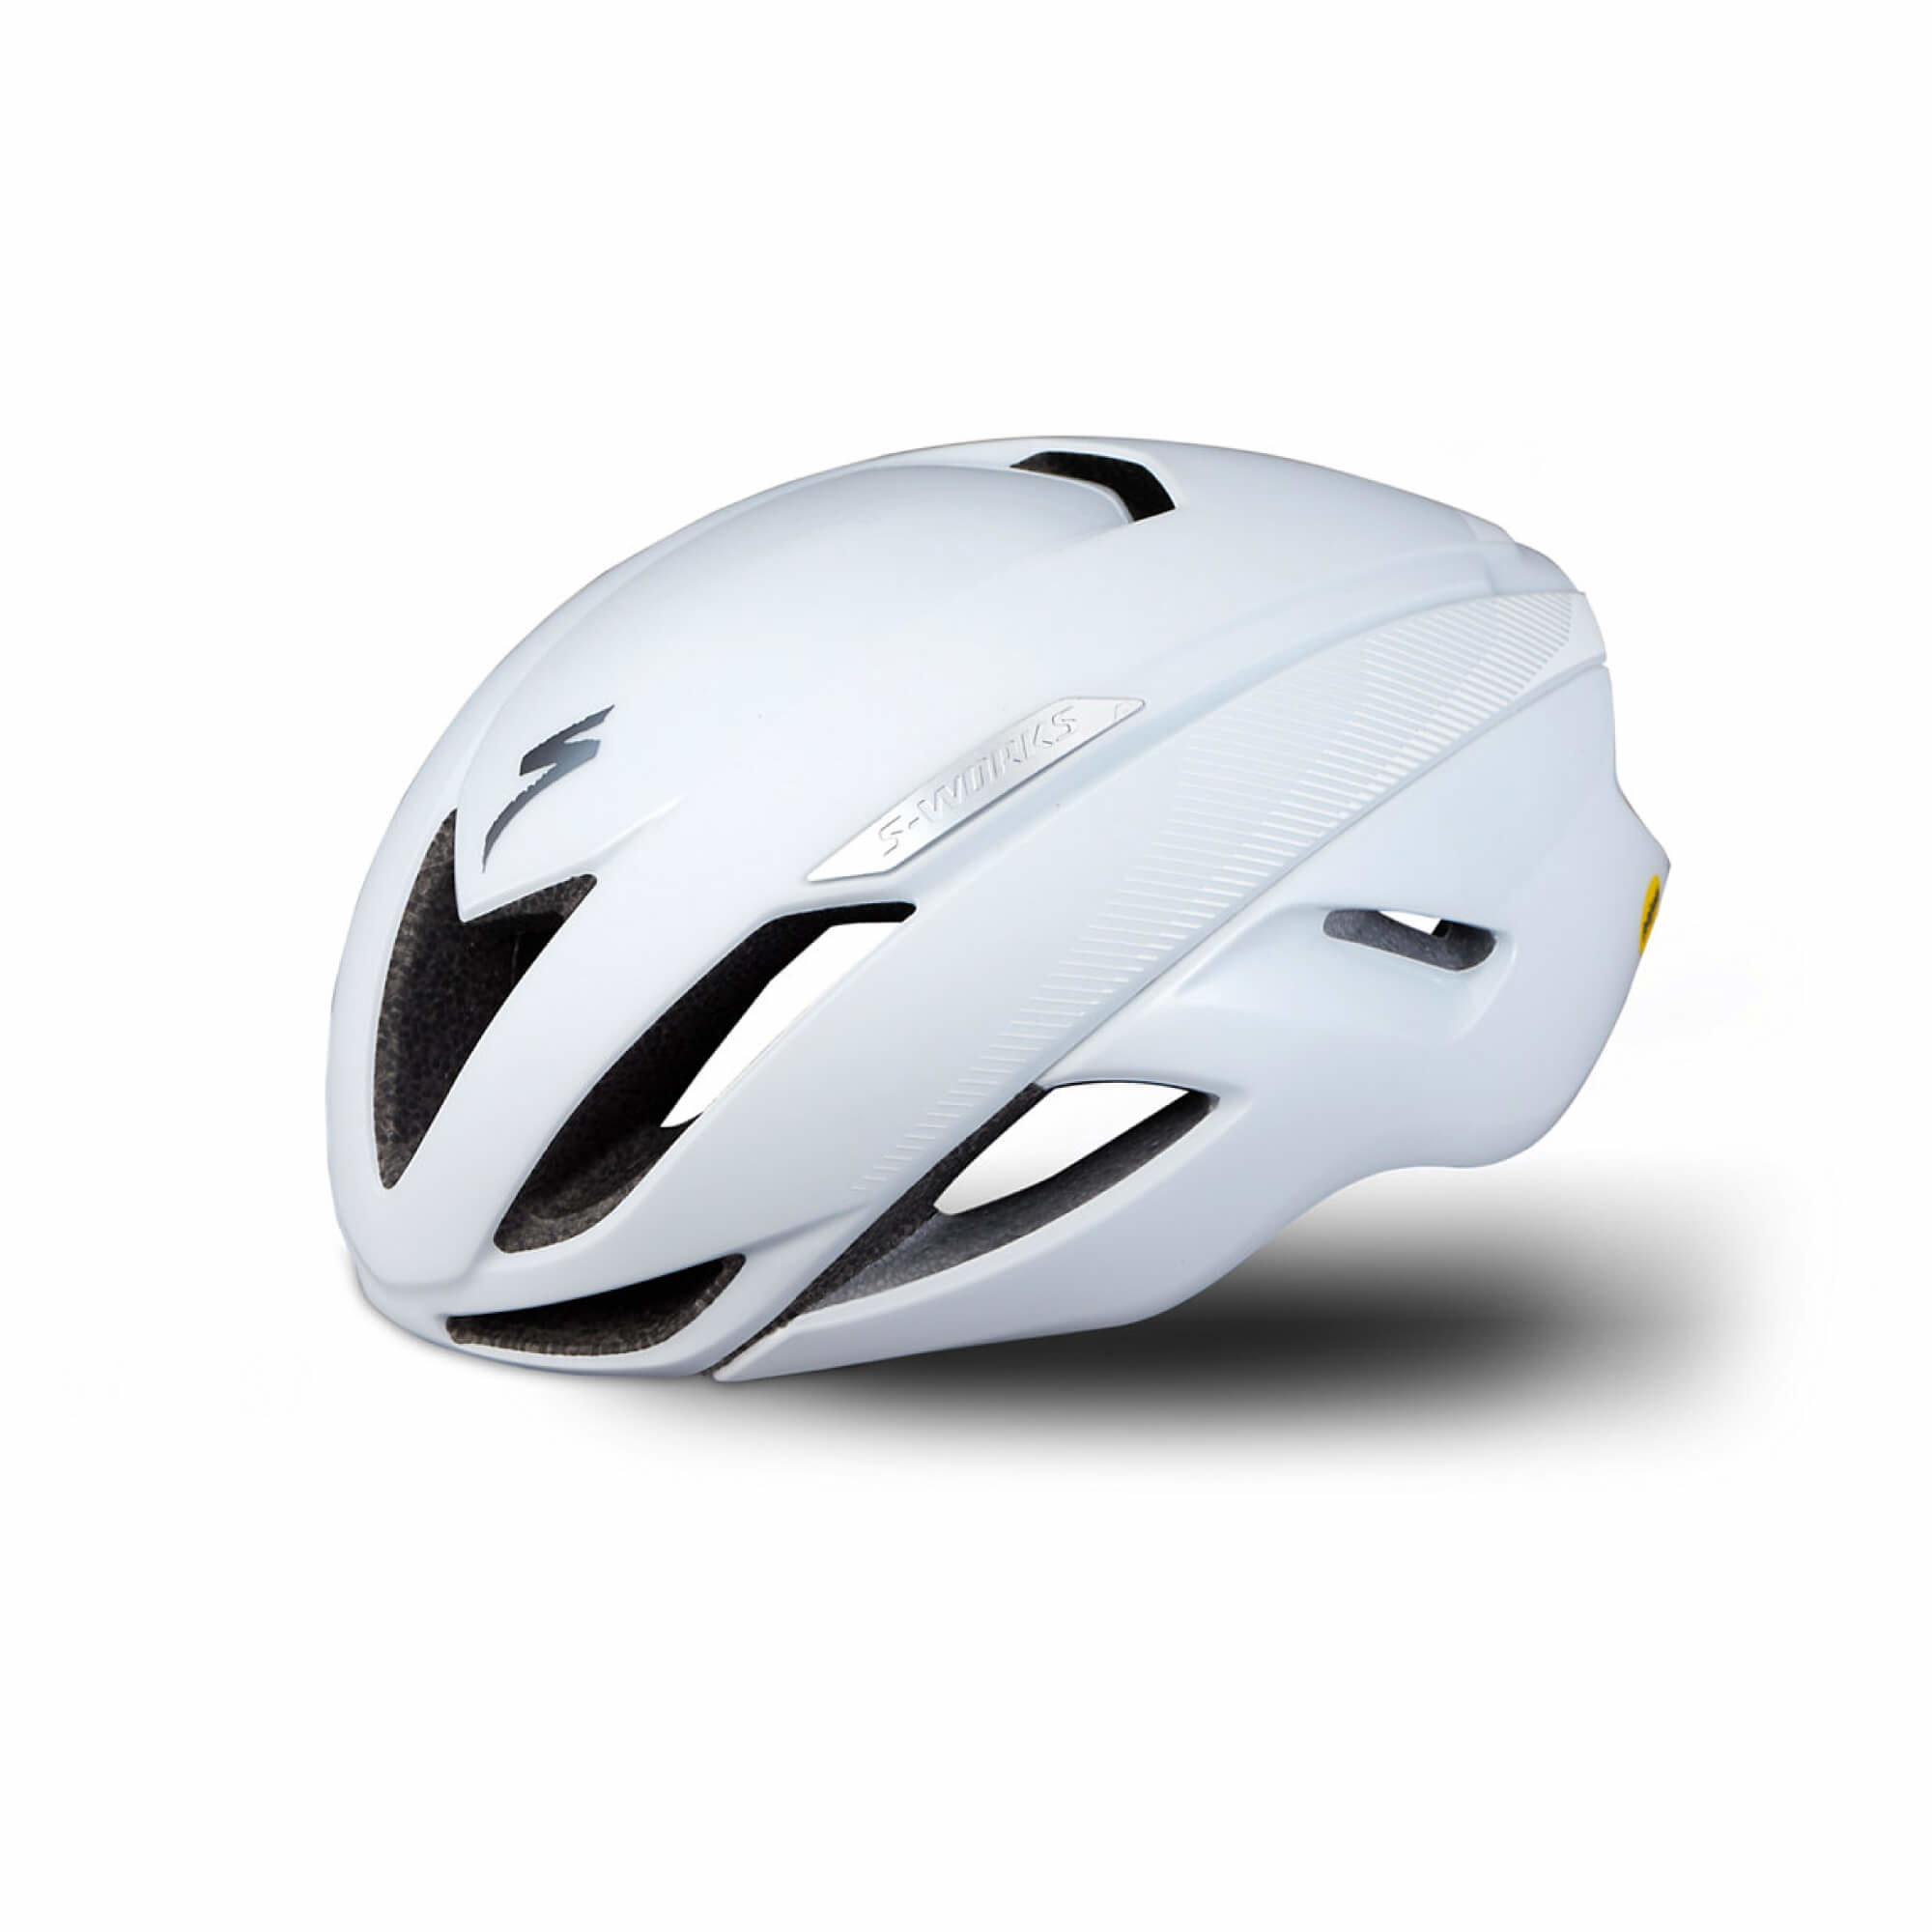 S-Works Evade II Helmet Angi Mips-12